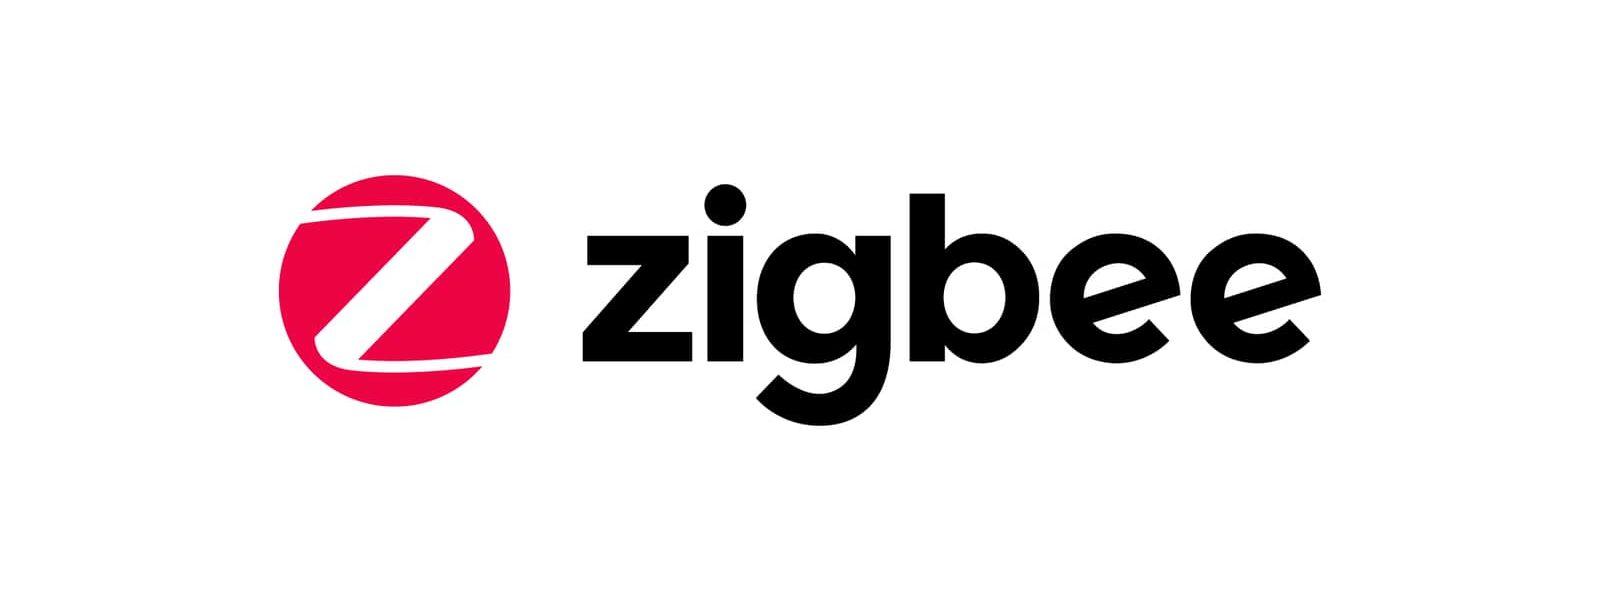 Technologie Zigbee pour la domotique